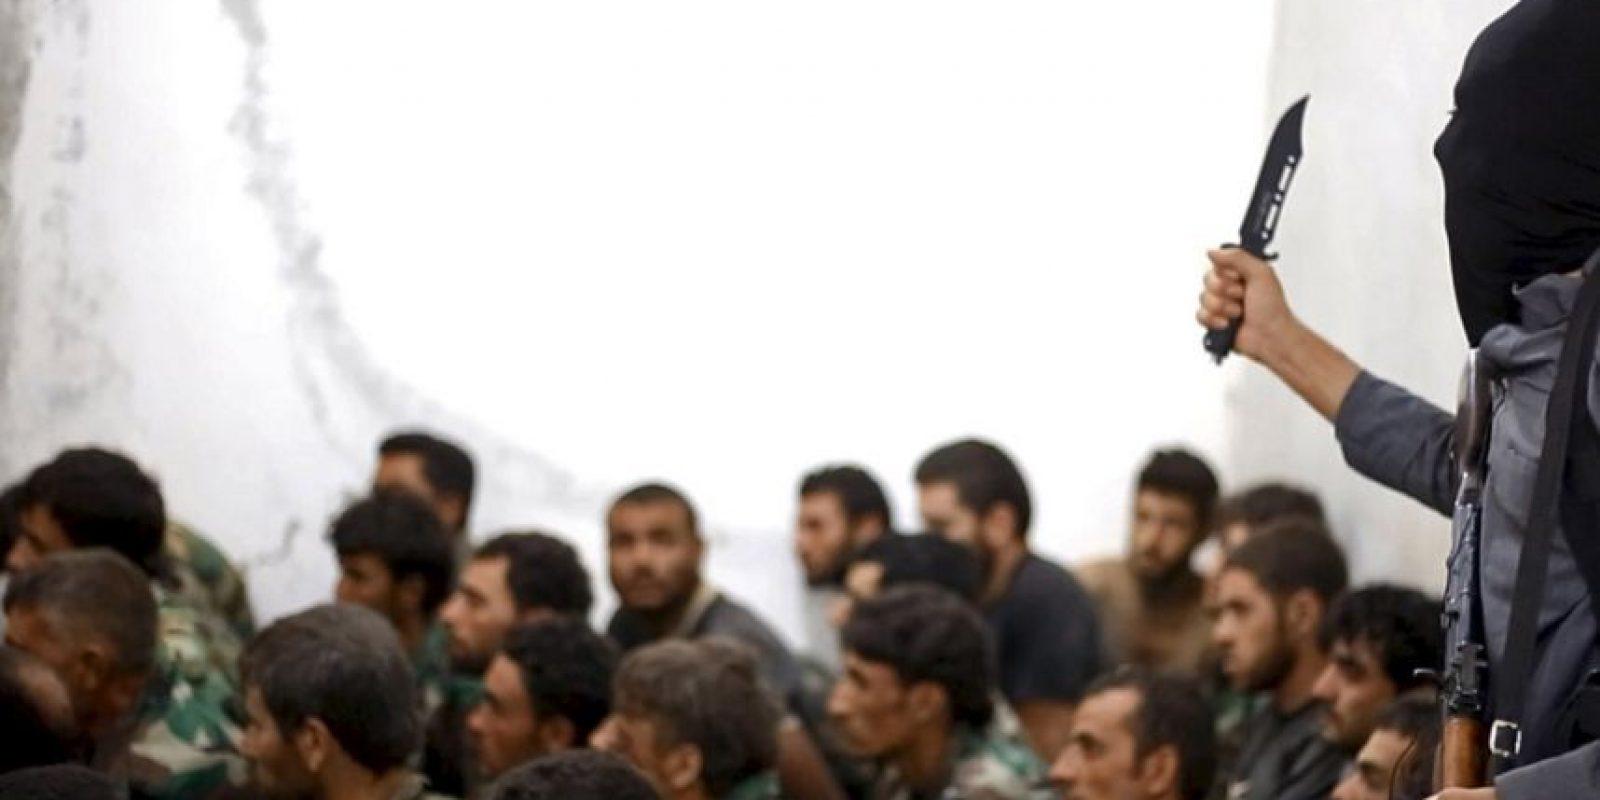 Las siglas de ISIS provienen del nombre en inglés Islamic State of Iraq and Syria. Foto:AP